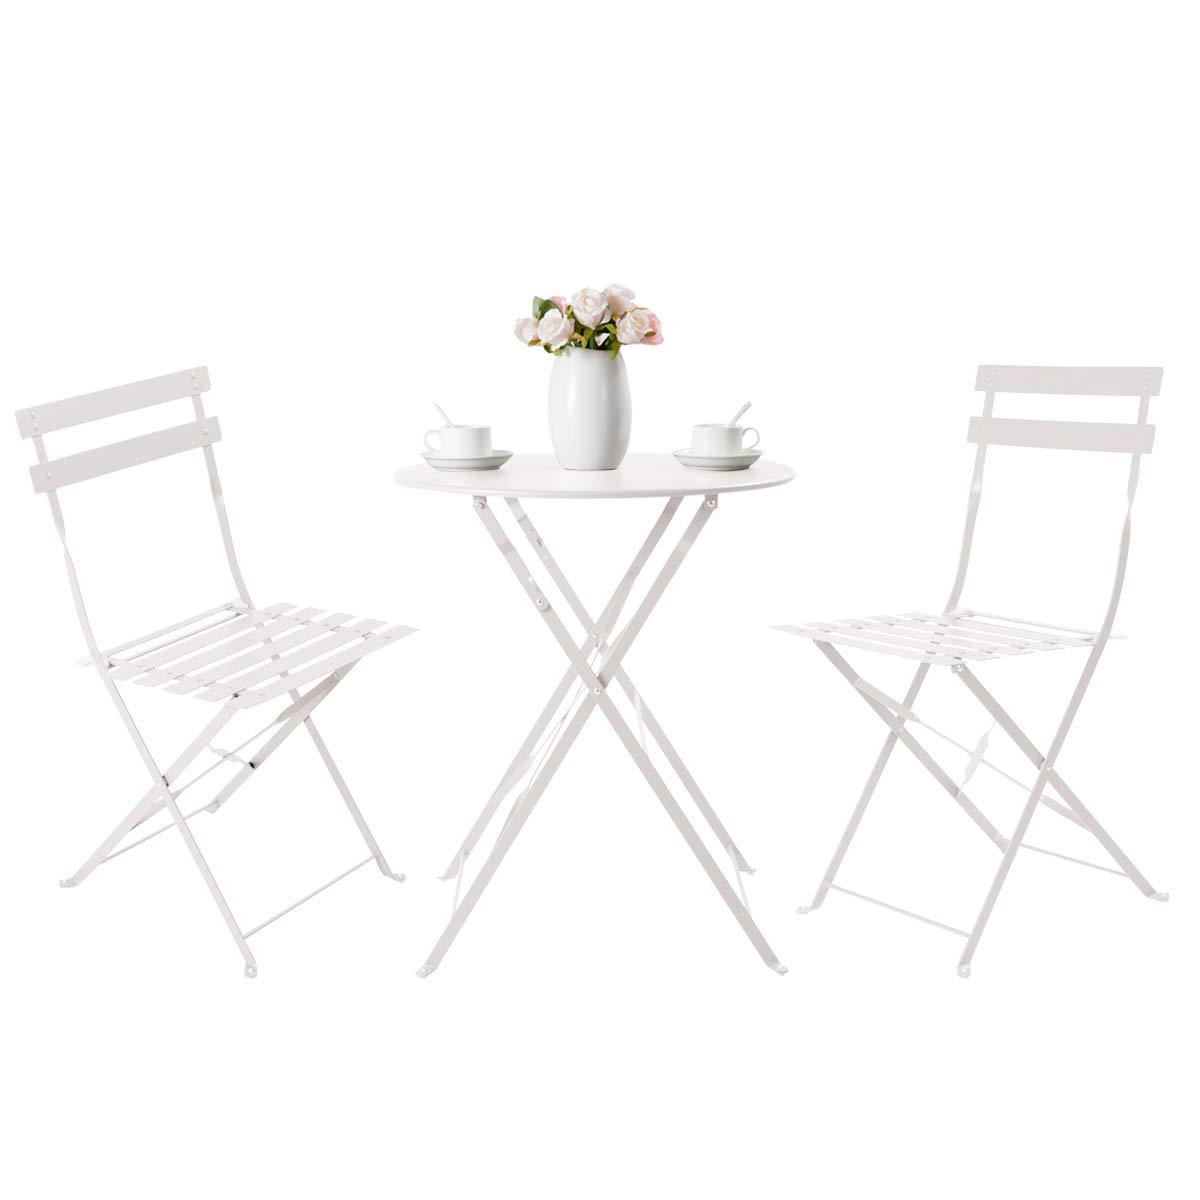 HollyHOME Juego de Muebles de balcón Plegables de Acero al Aire Libre, 3 Piezas de Mesa y sillas Plegables, Blanco